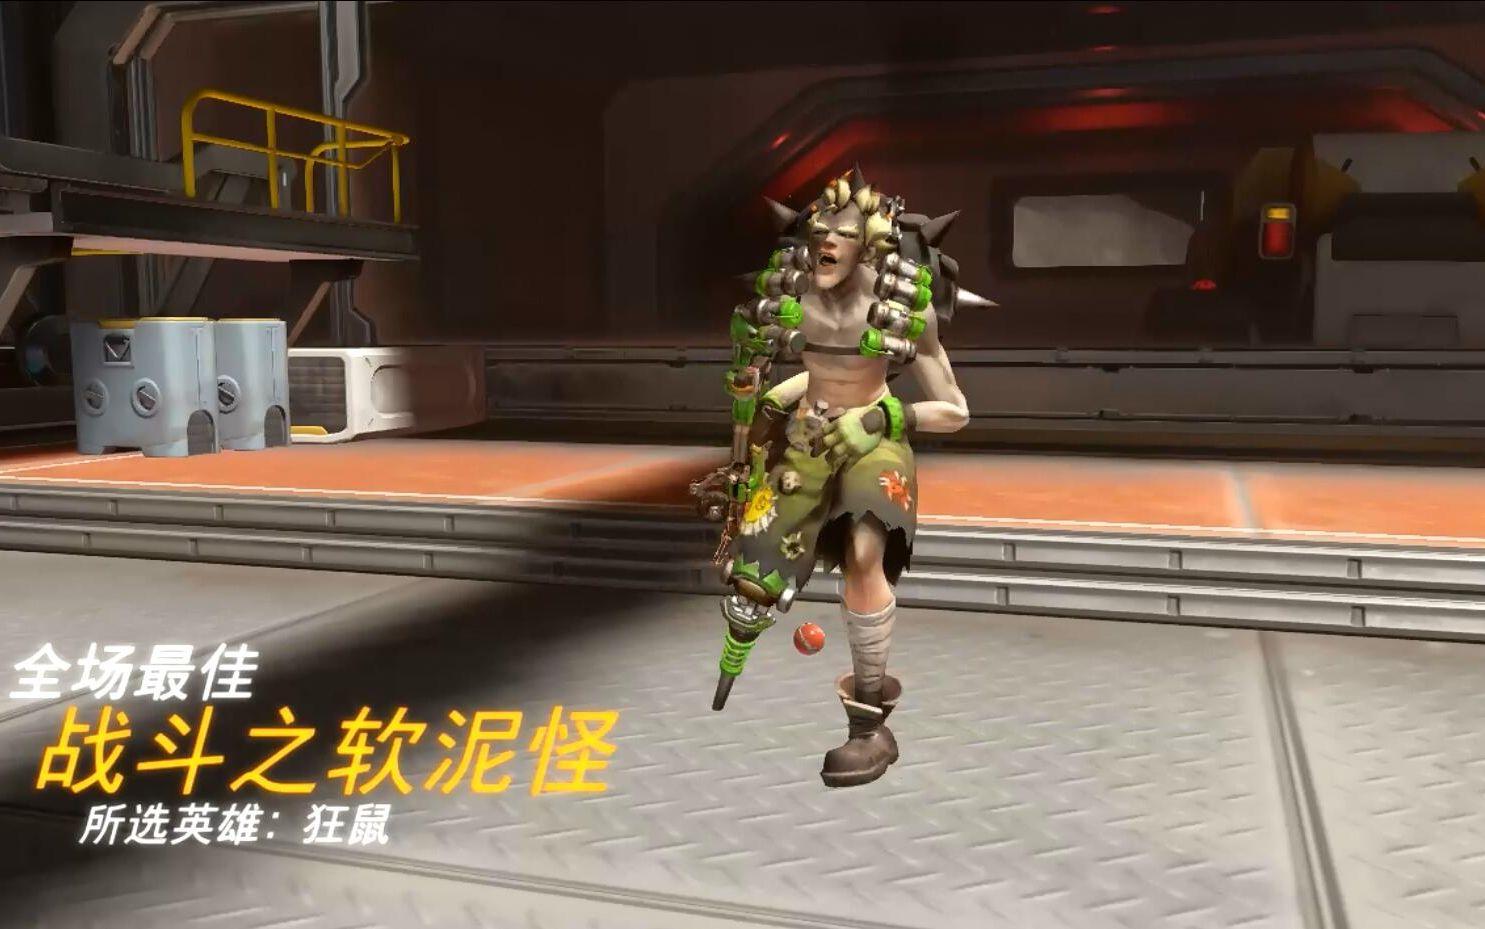 【夏风】37级大佬狂鼠疯了(日常三杀加炮台)图片